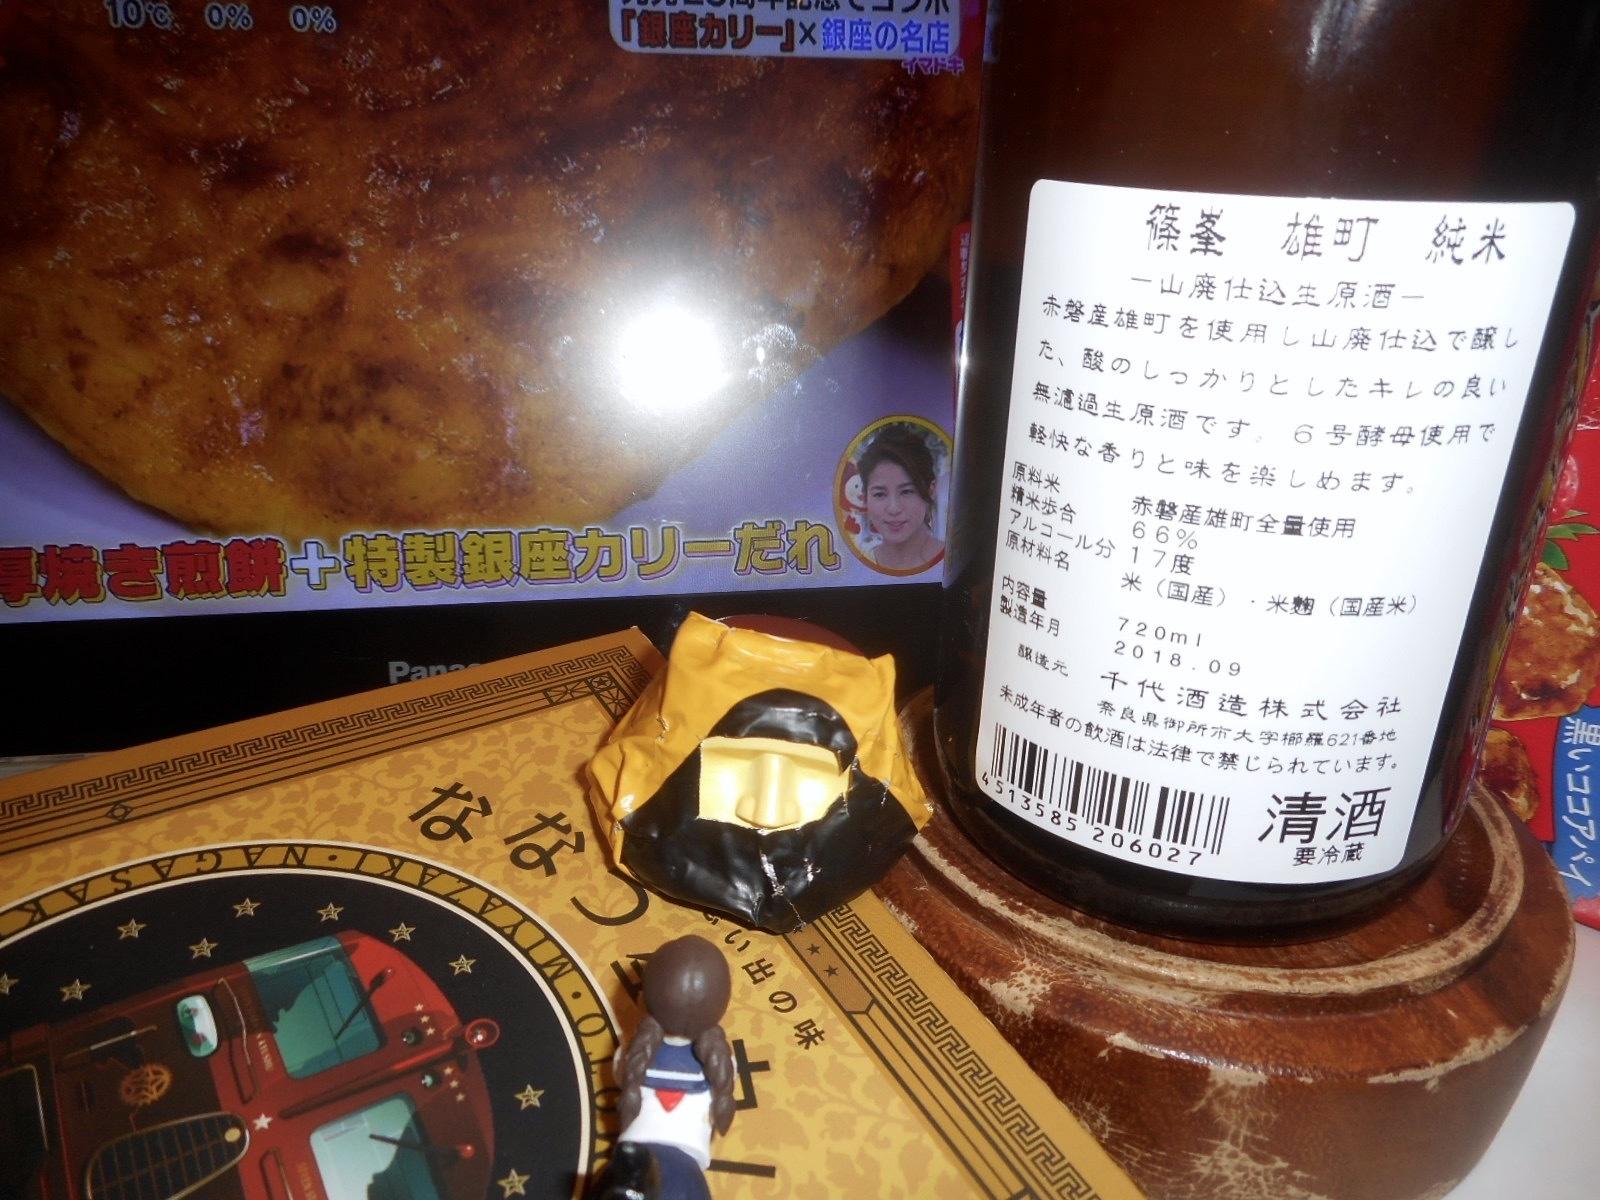 shinomine_yamahai_omachi29by2.jpg